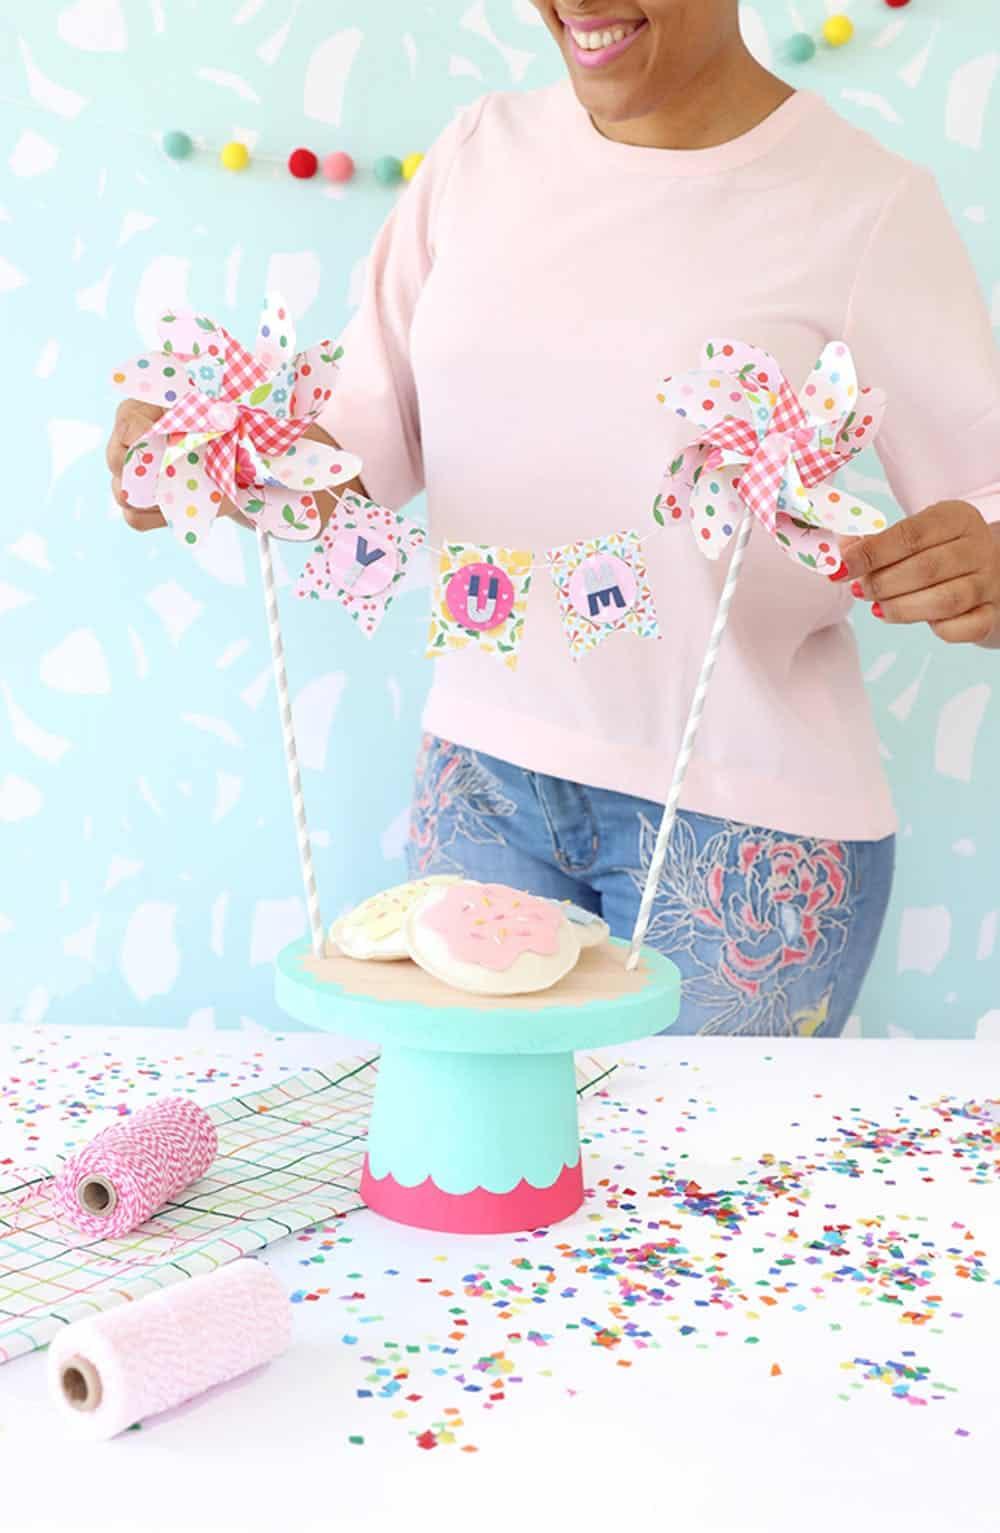 Wood pinwheel cake stand